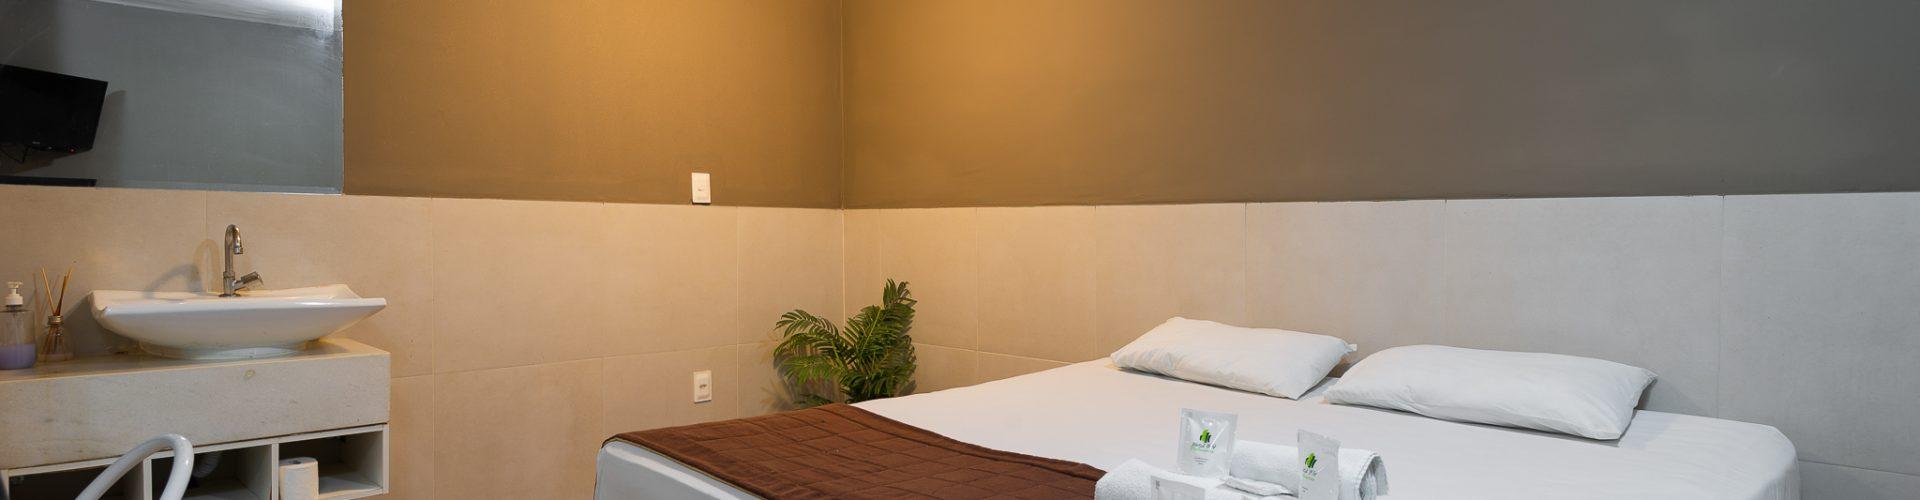 Hotel BH, Hoteis em BH